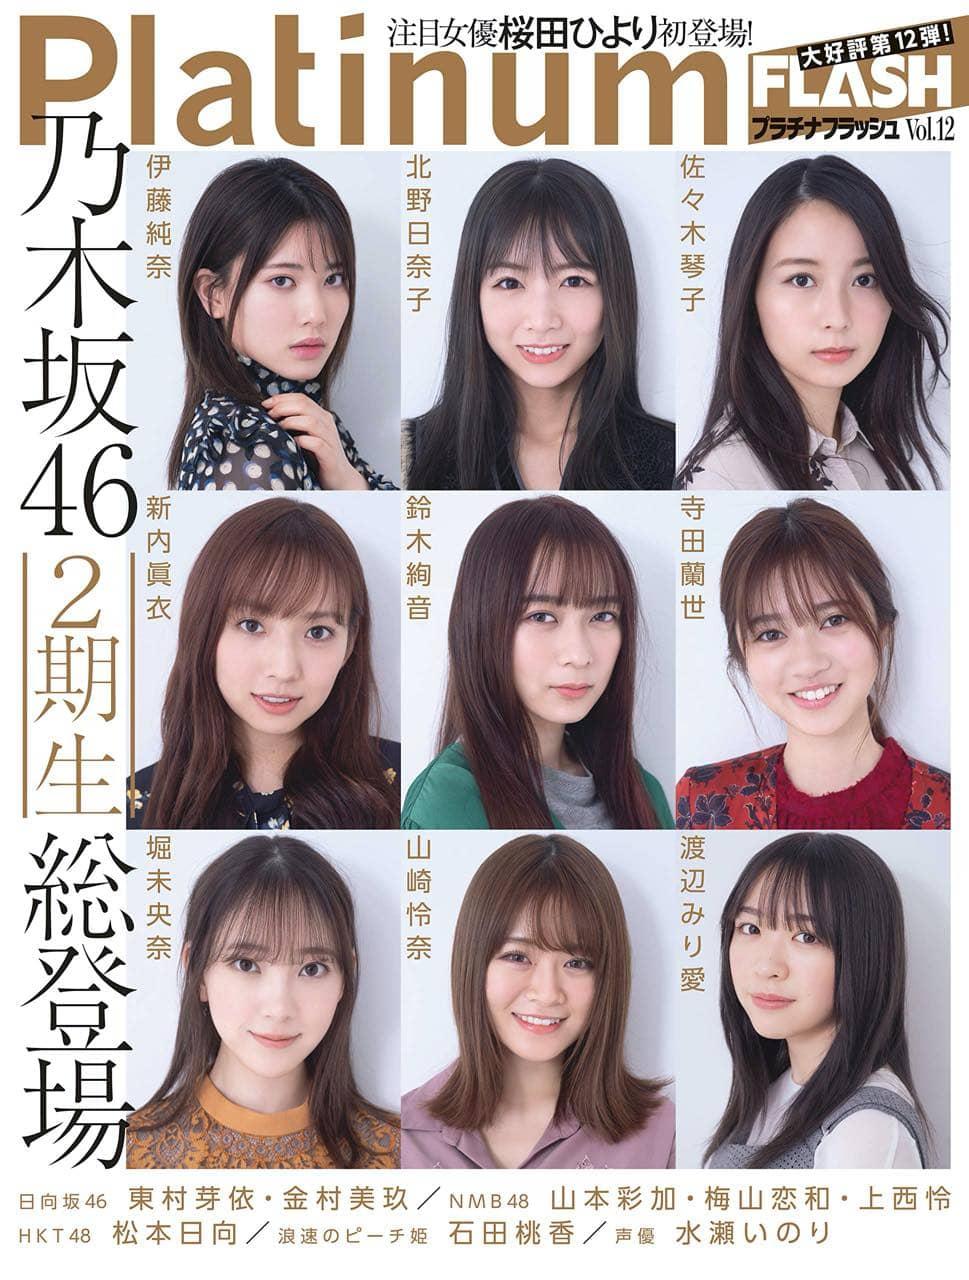 NMB48 梅山恋和・上西怜・山本彩加、HKT48 松本日向、SKE48 高柳明音が登場「Platinum FLASH vol.12」2/14発売!